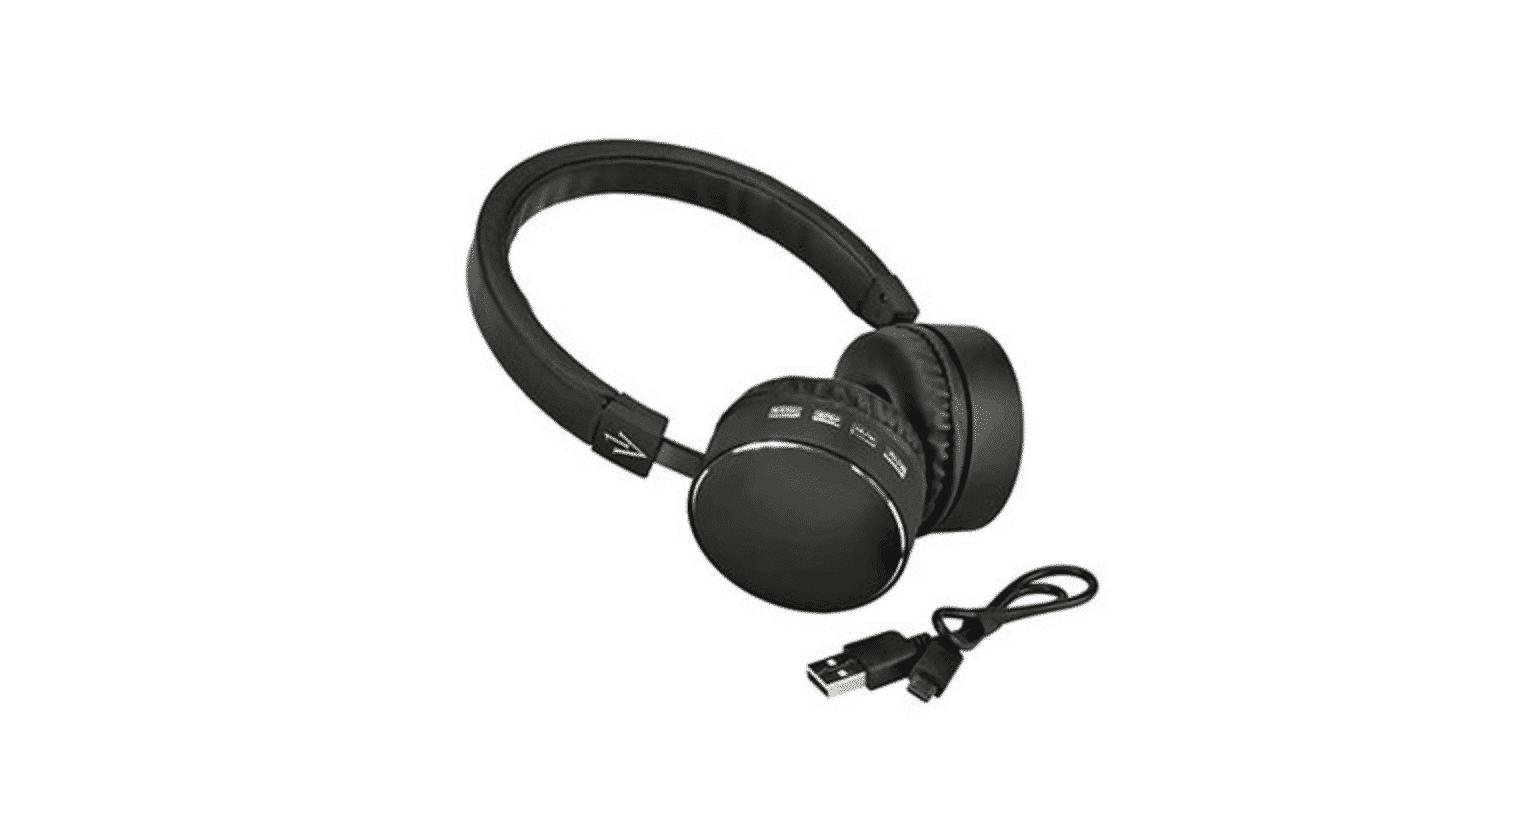 1VX Over-Ear Bluetooth Headphones